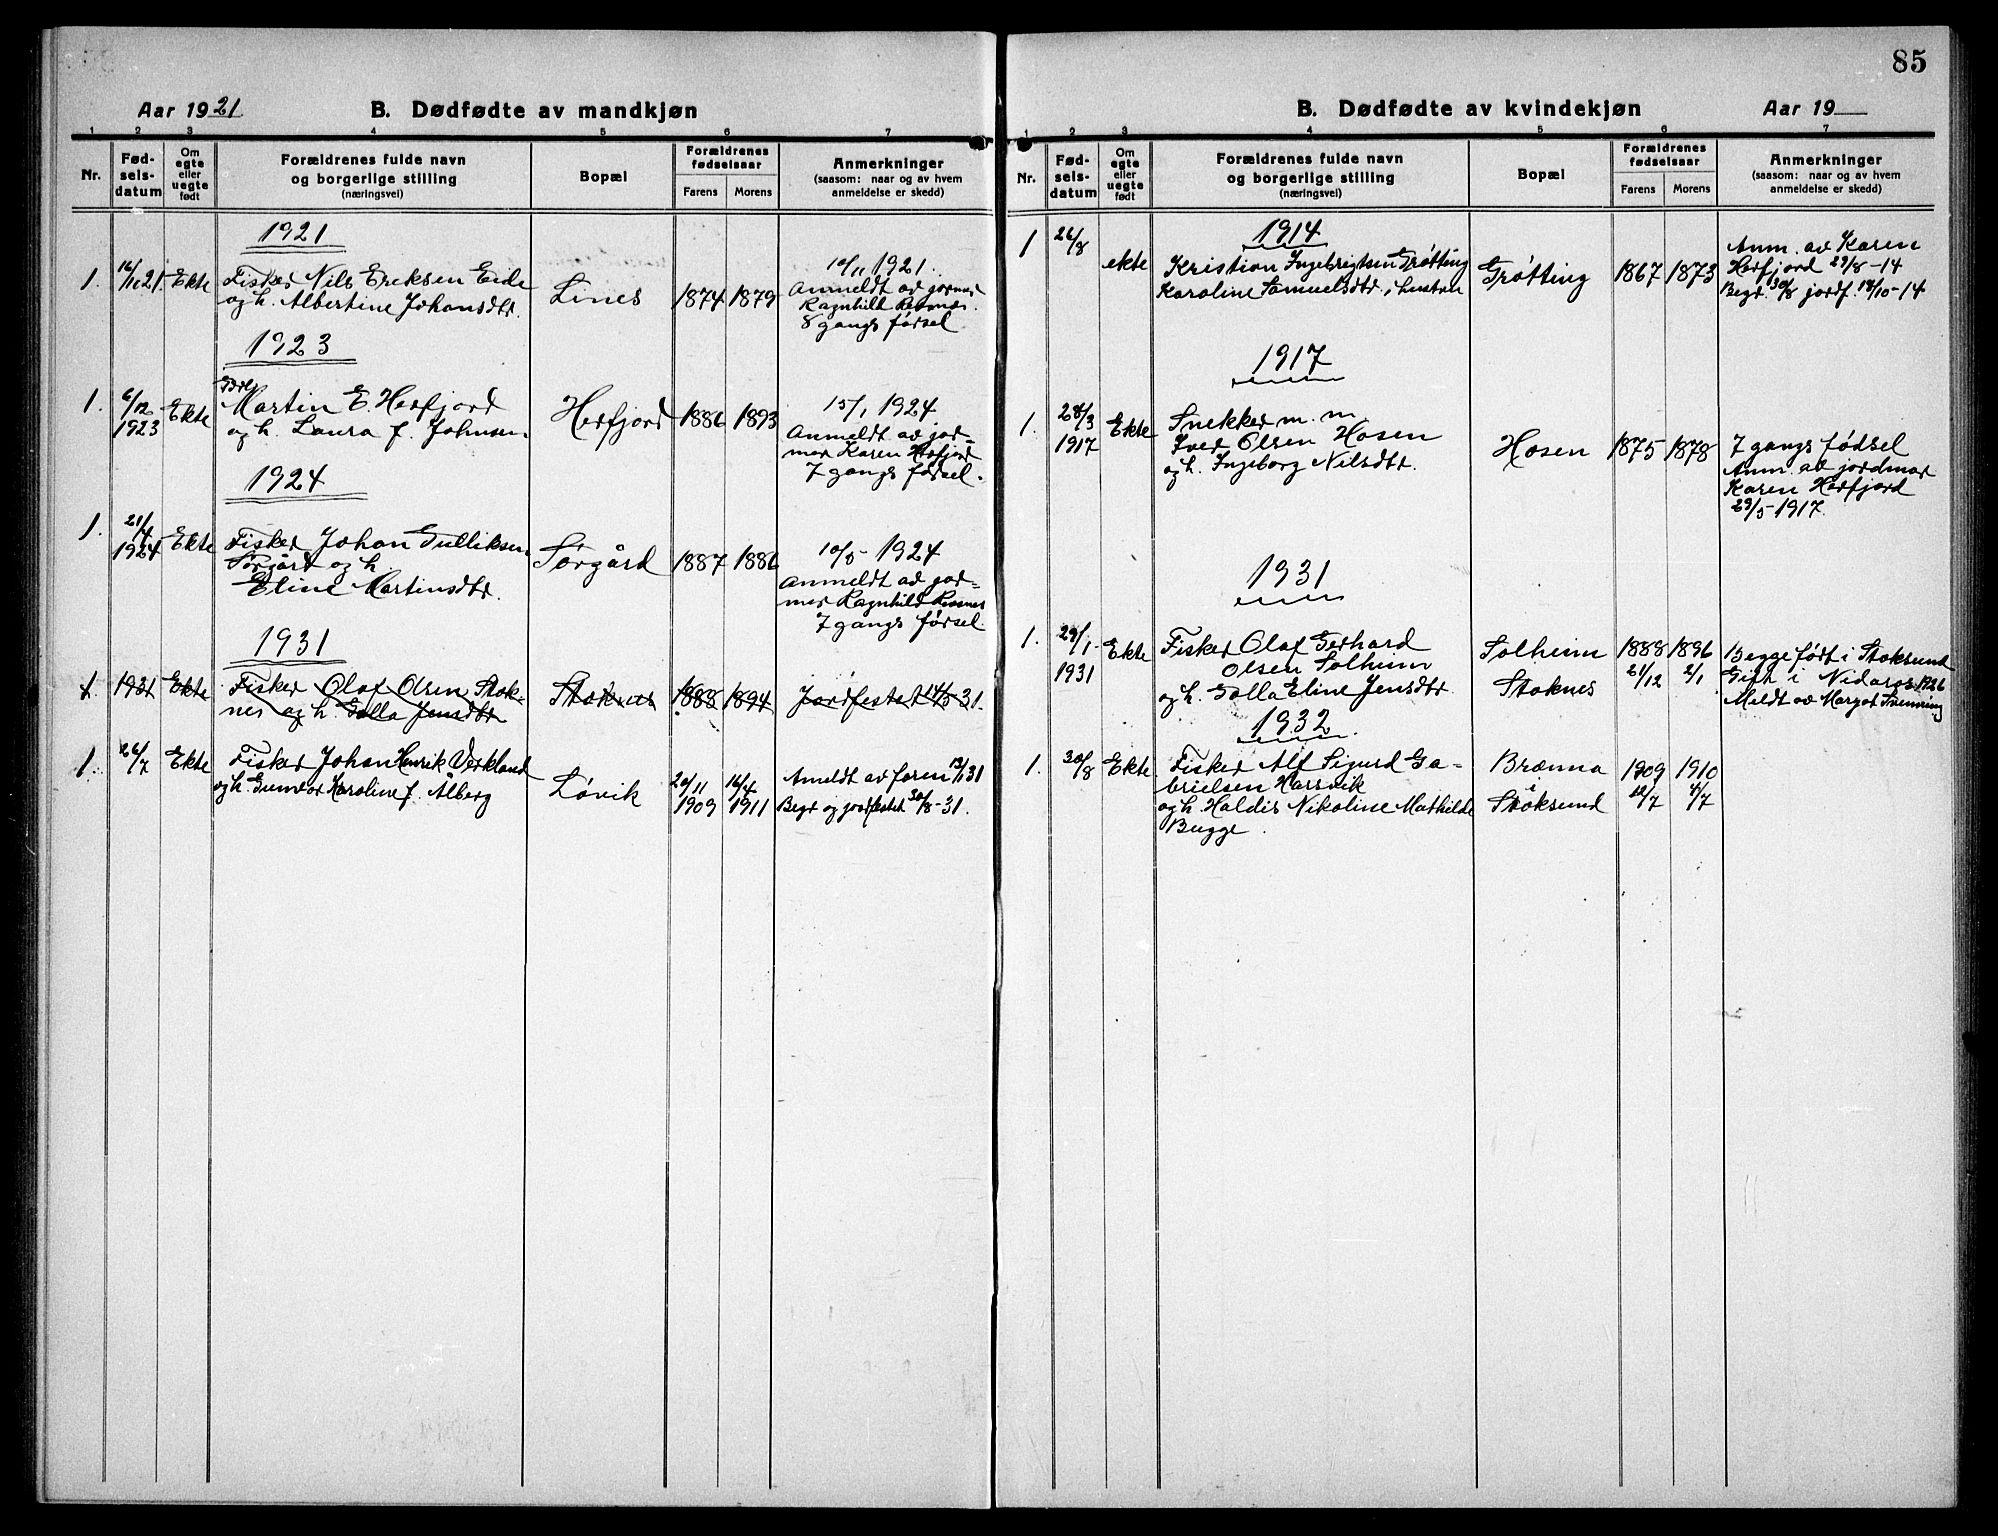 SAT, Ministerialprotokoller, klokkerbøker og fødselsregistre - Sør-Trøndelag, 656/L0696: Klokkerbok nr. 656C02, 1921-1937, s. 85